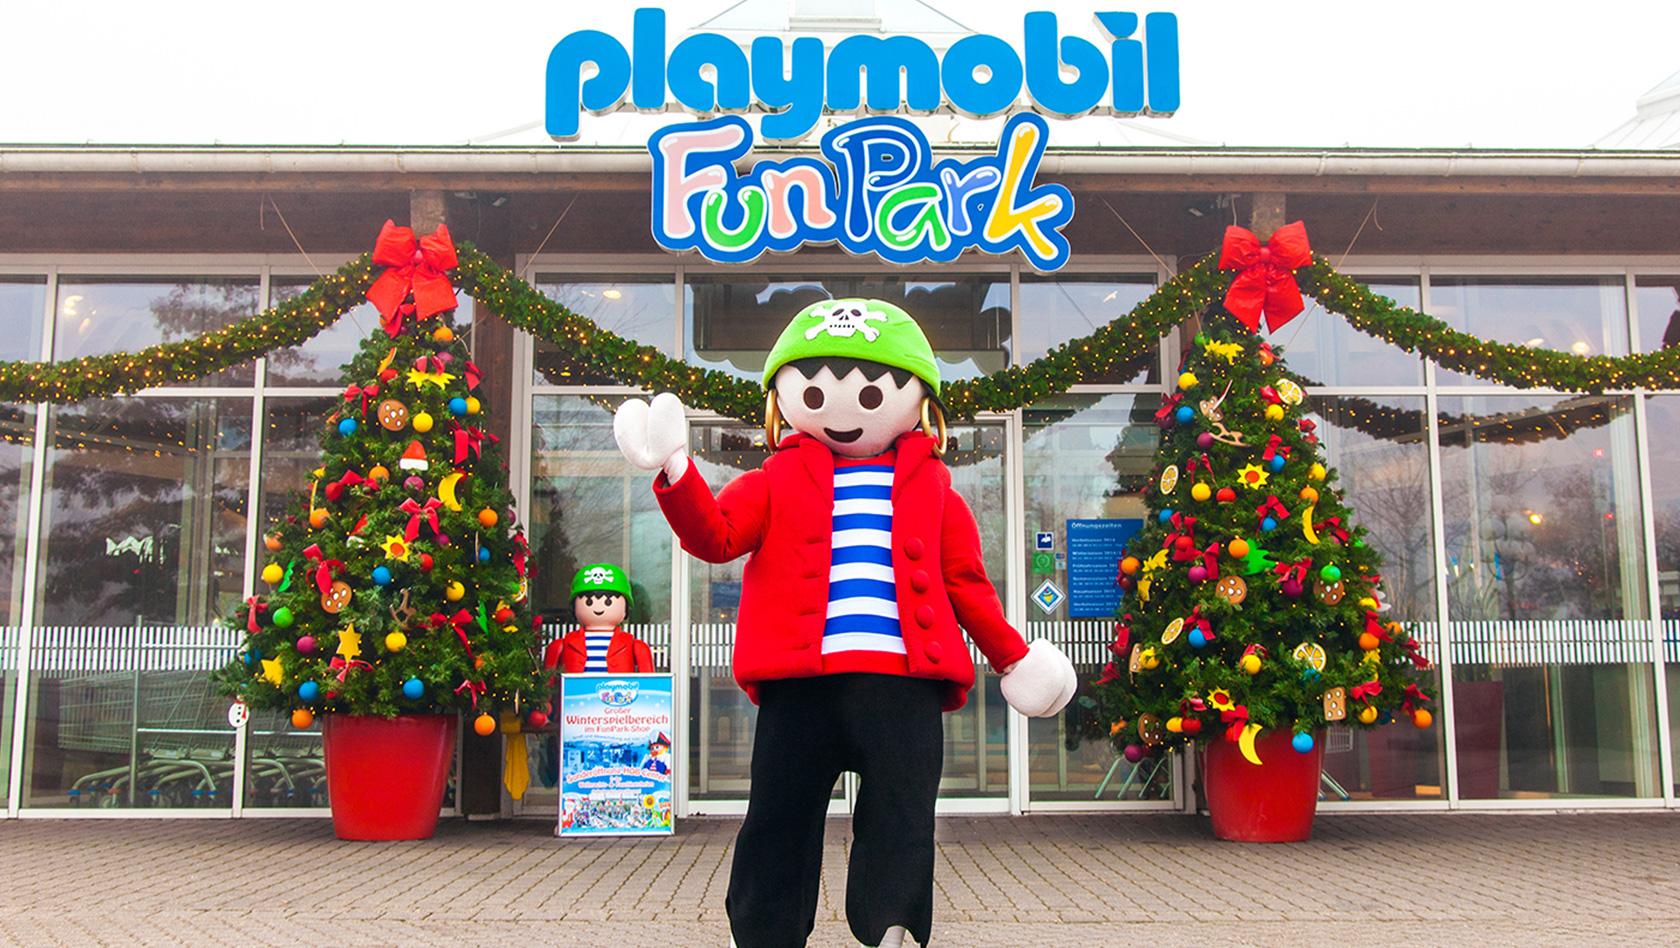 PLAYMOBIL-FunPark im Winter 2016/17 - Öffnungszeiten und ...